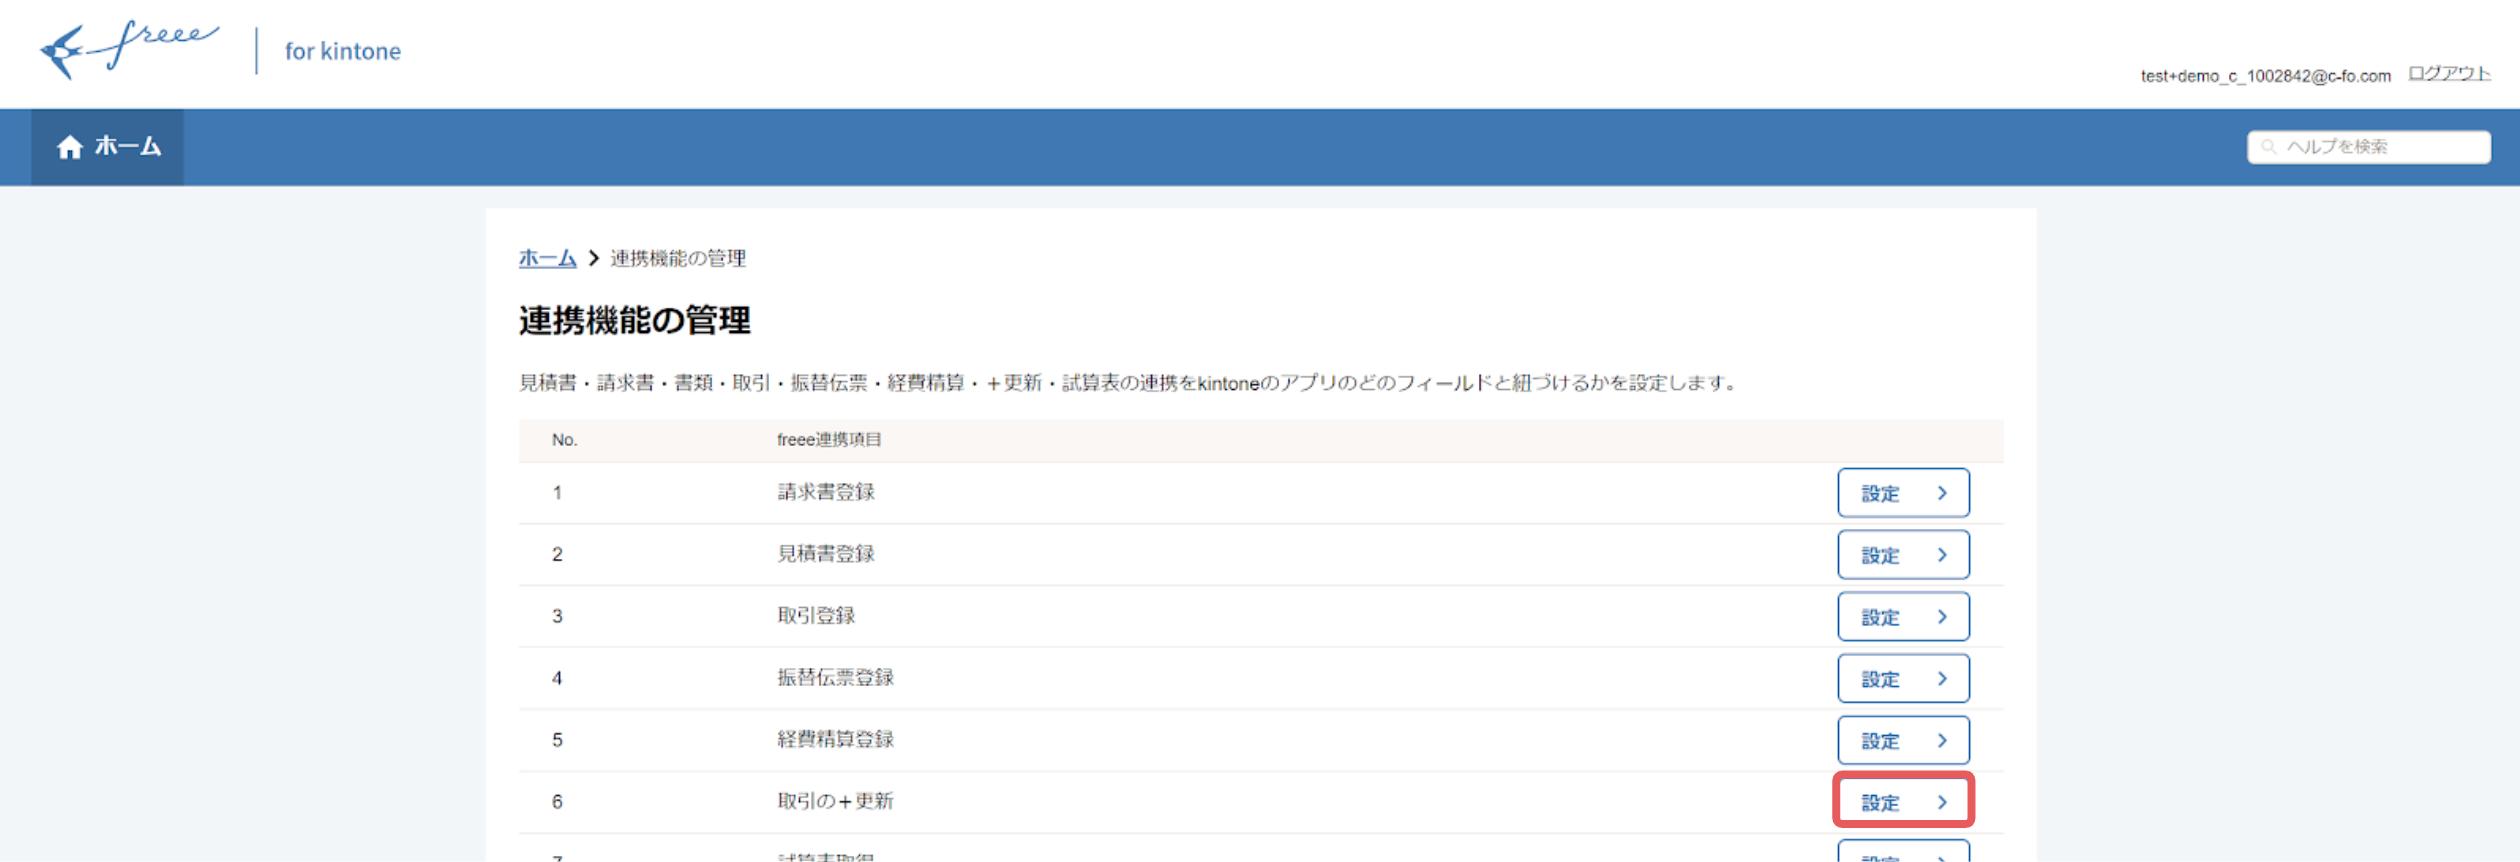 Screen_Shot_2020-07-10_at_14.35.53.png